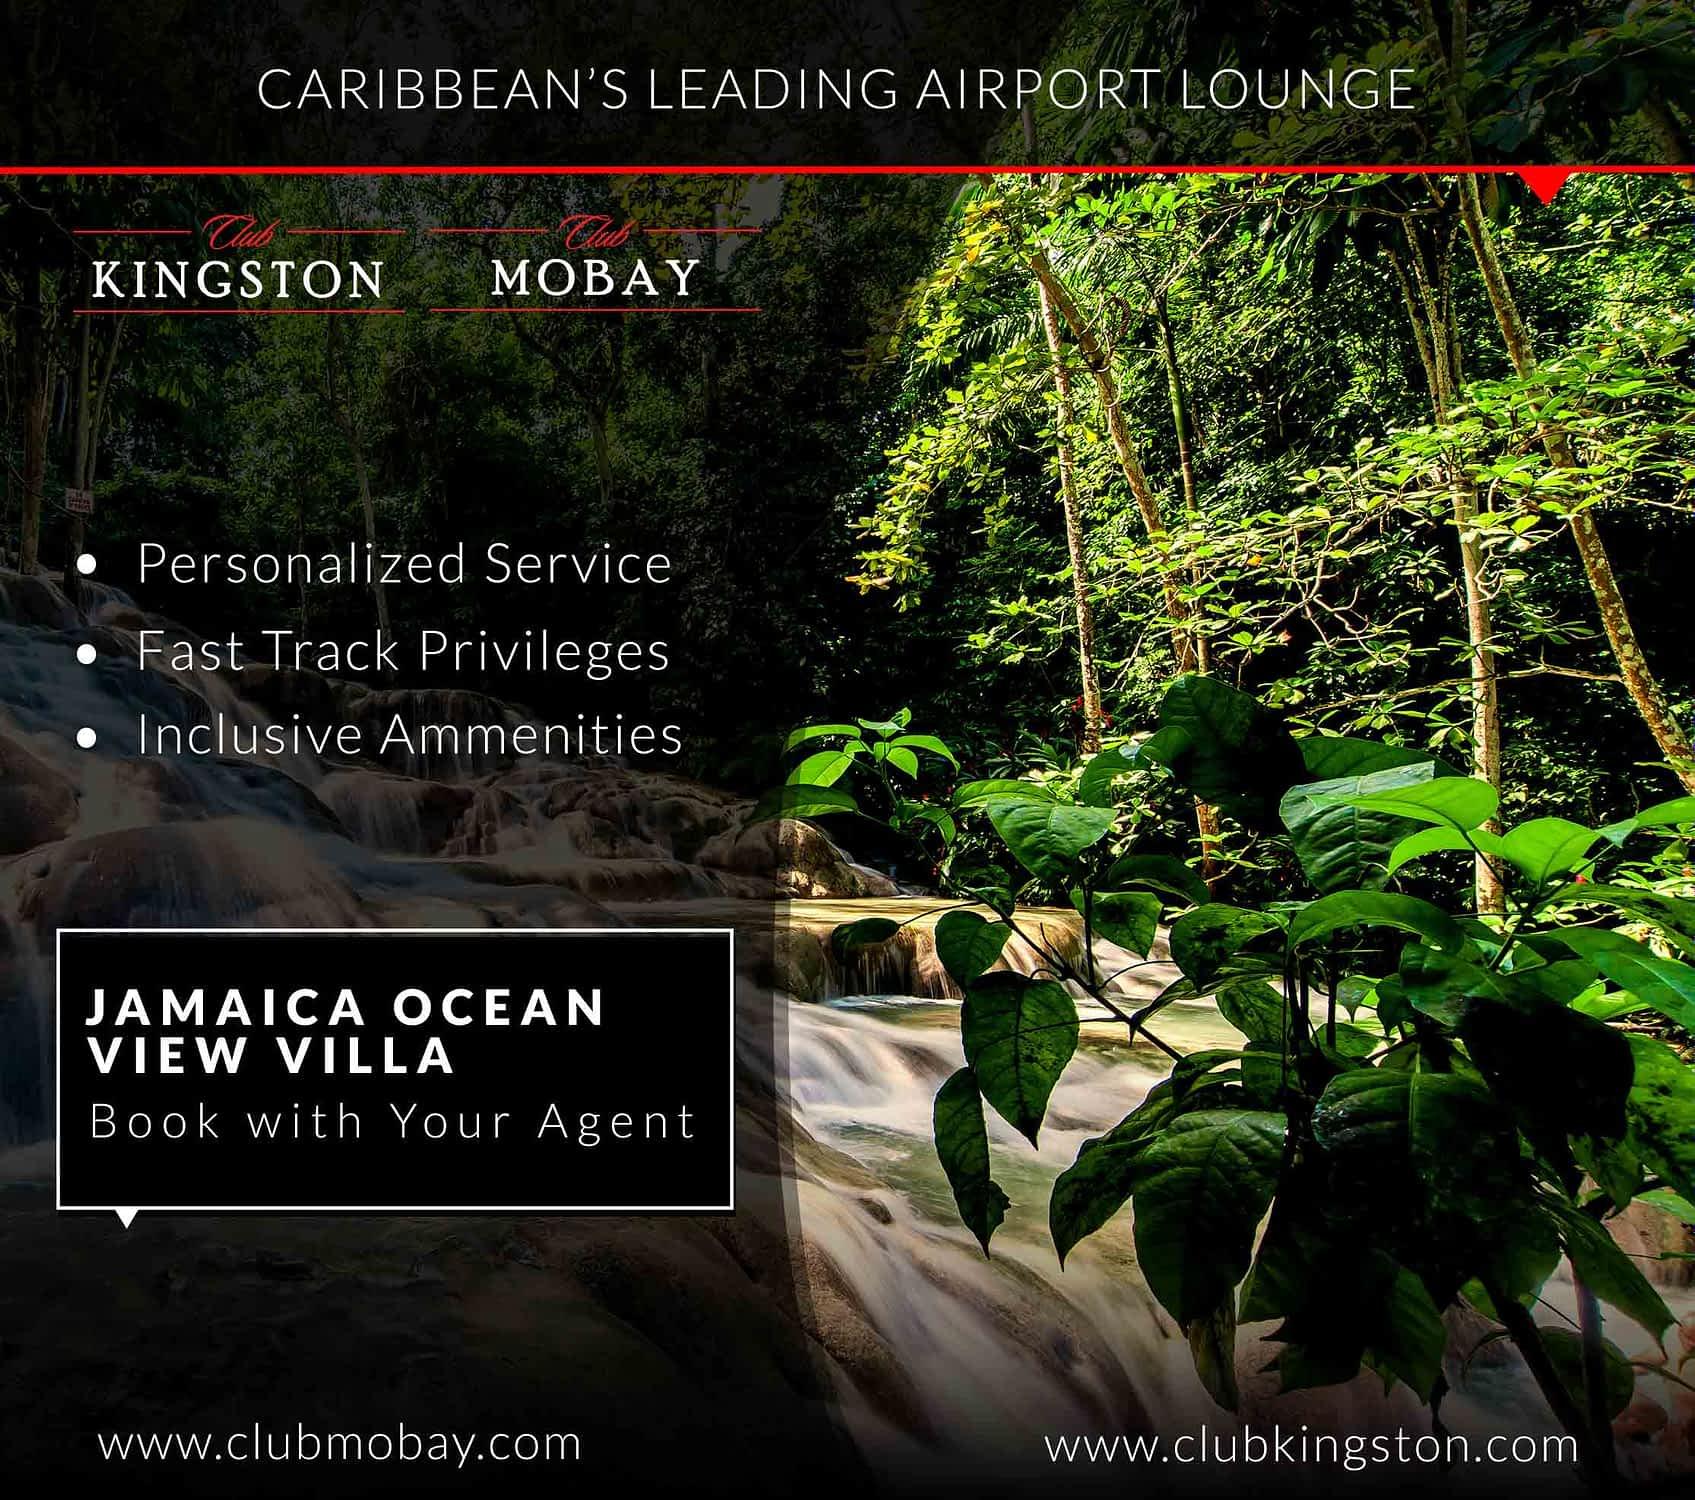 Jamaica Ocean View Villa Club Mobay